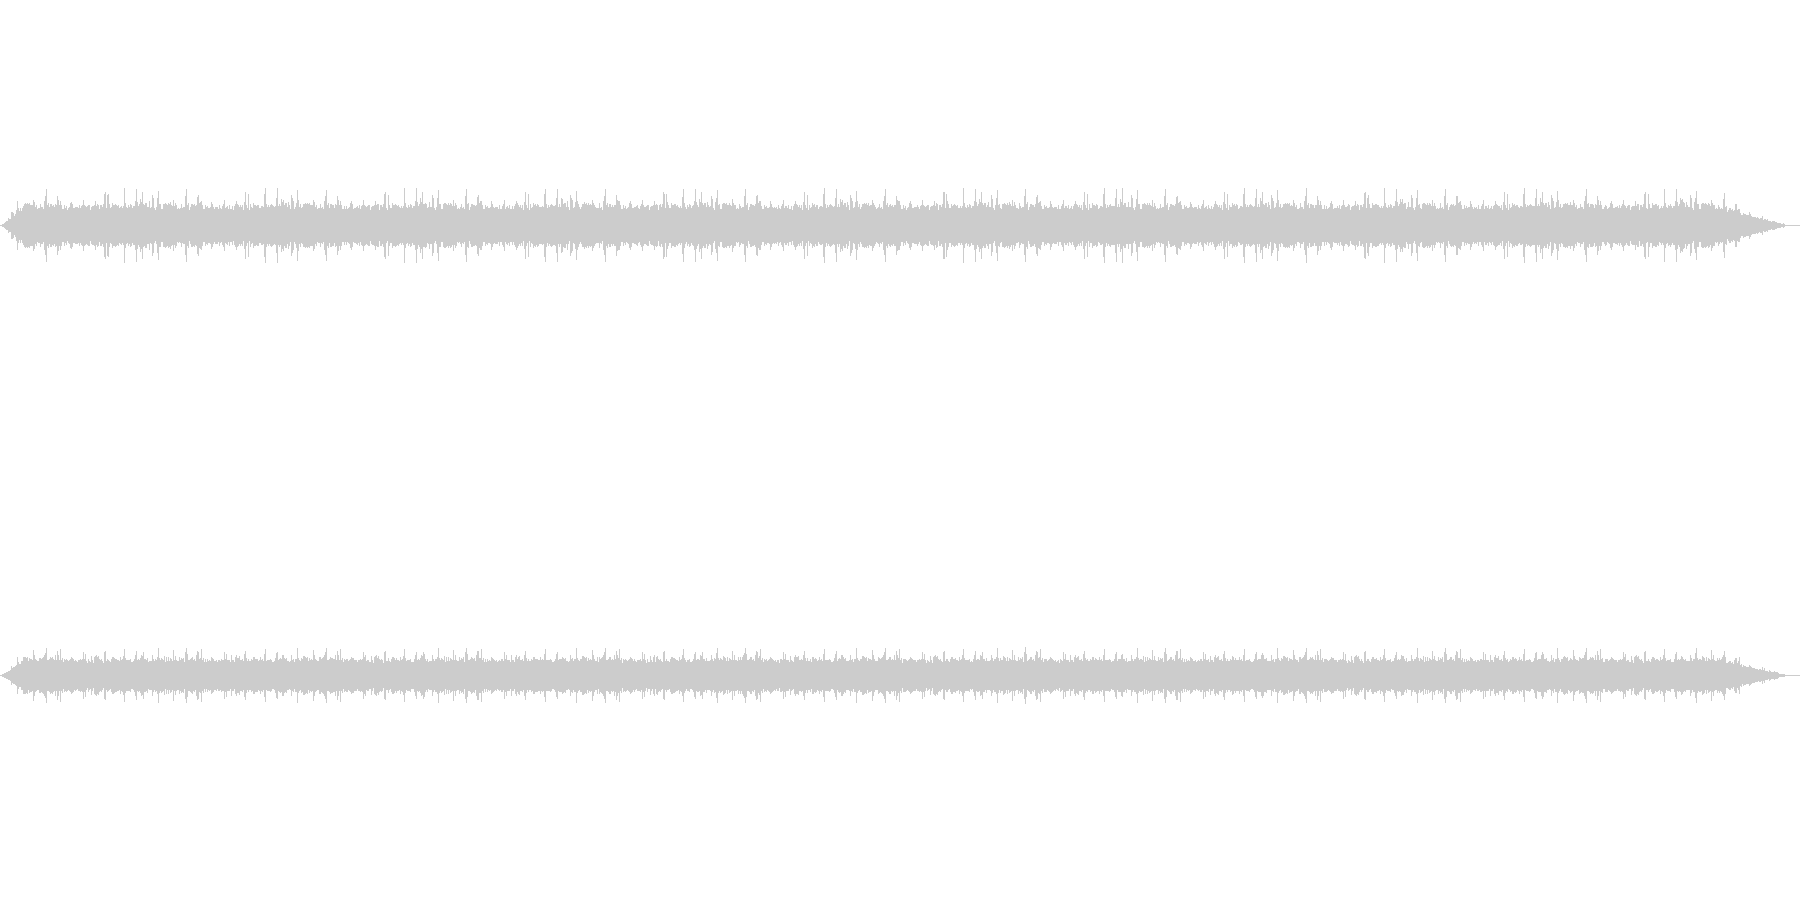 【雨 生録 環境03-1】の未再生の波形